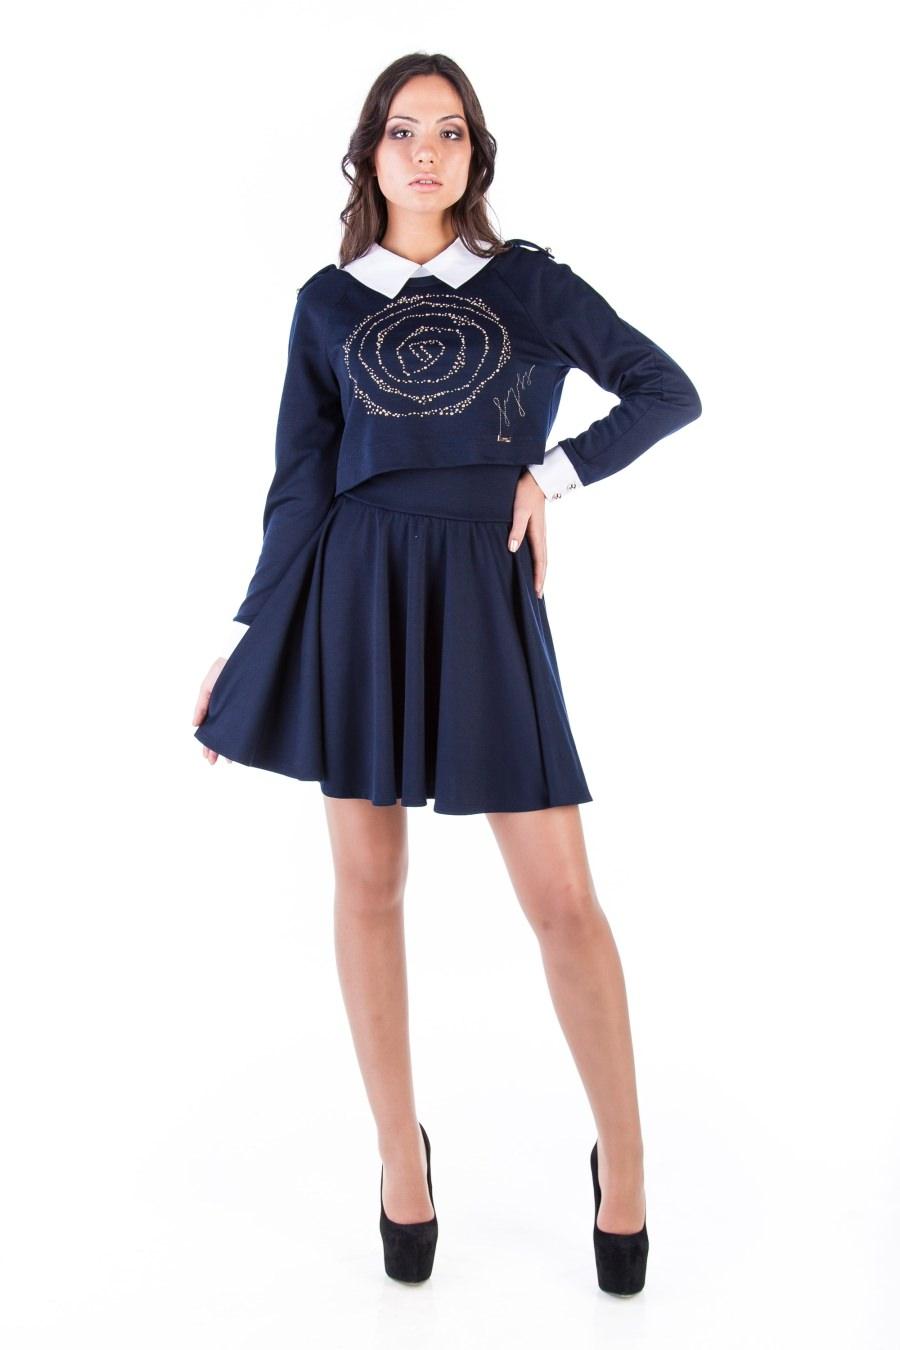 Купить платья оптом от производителя Платье Костюм Дина трансфер